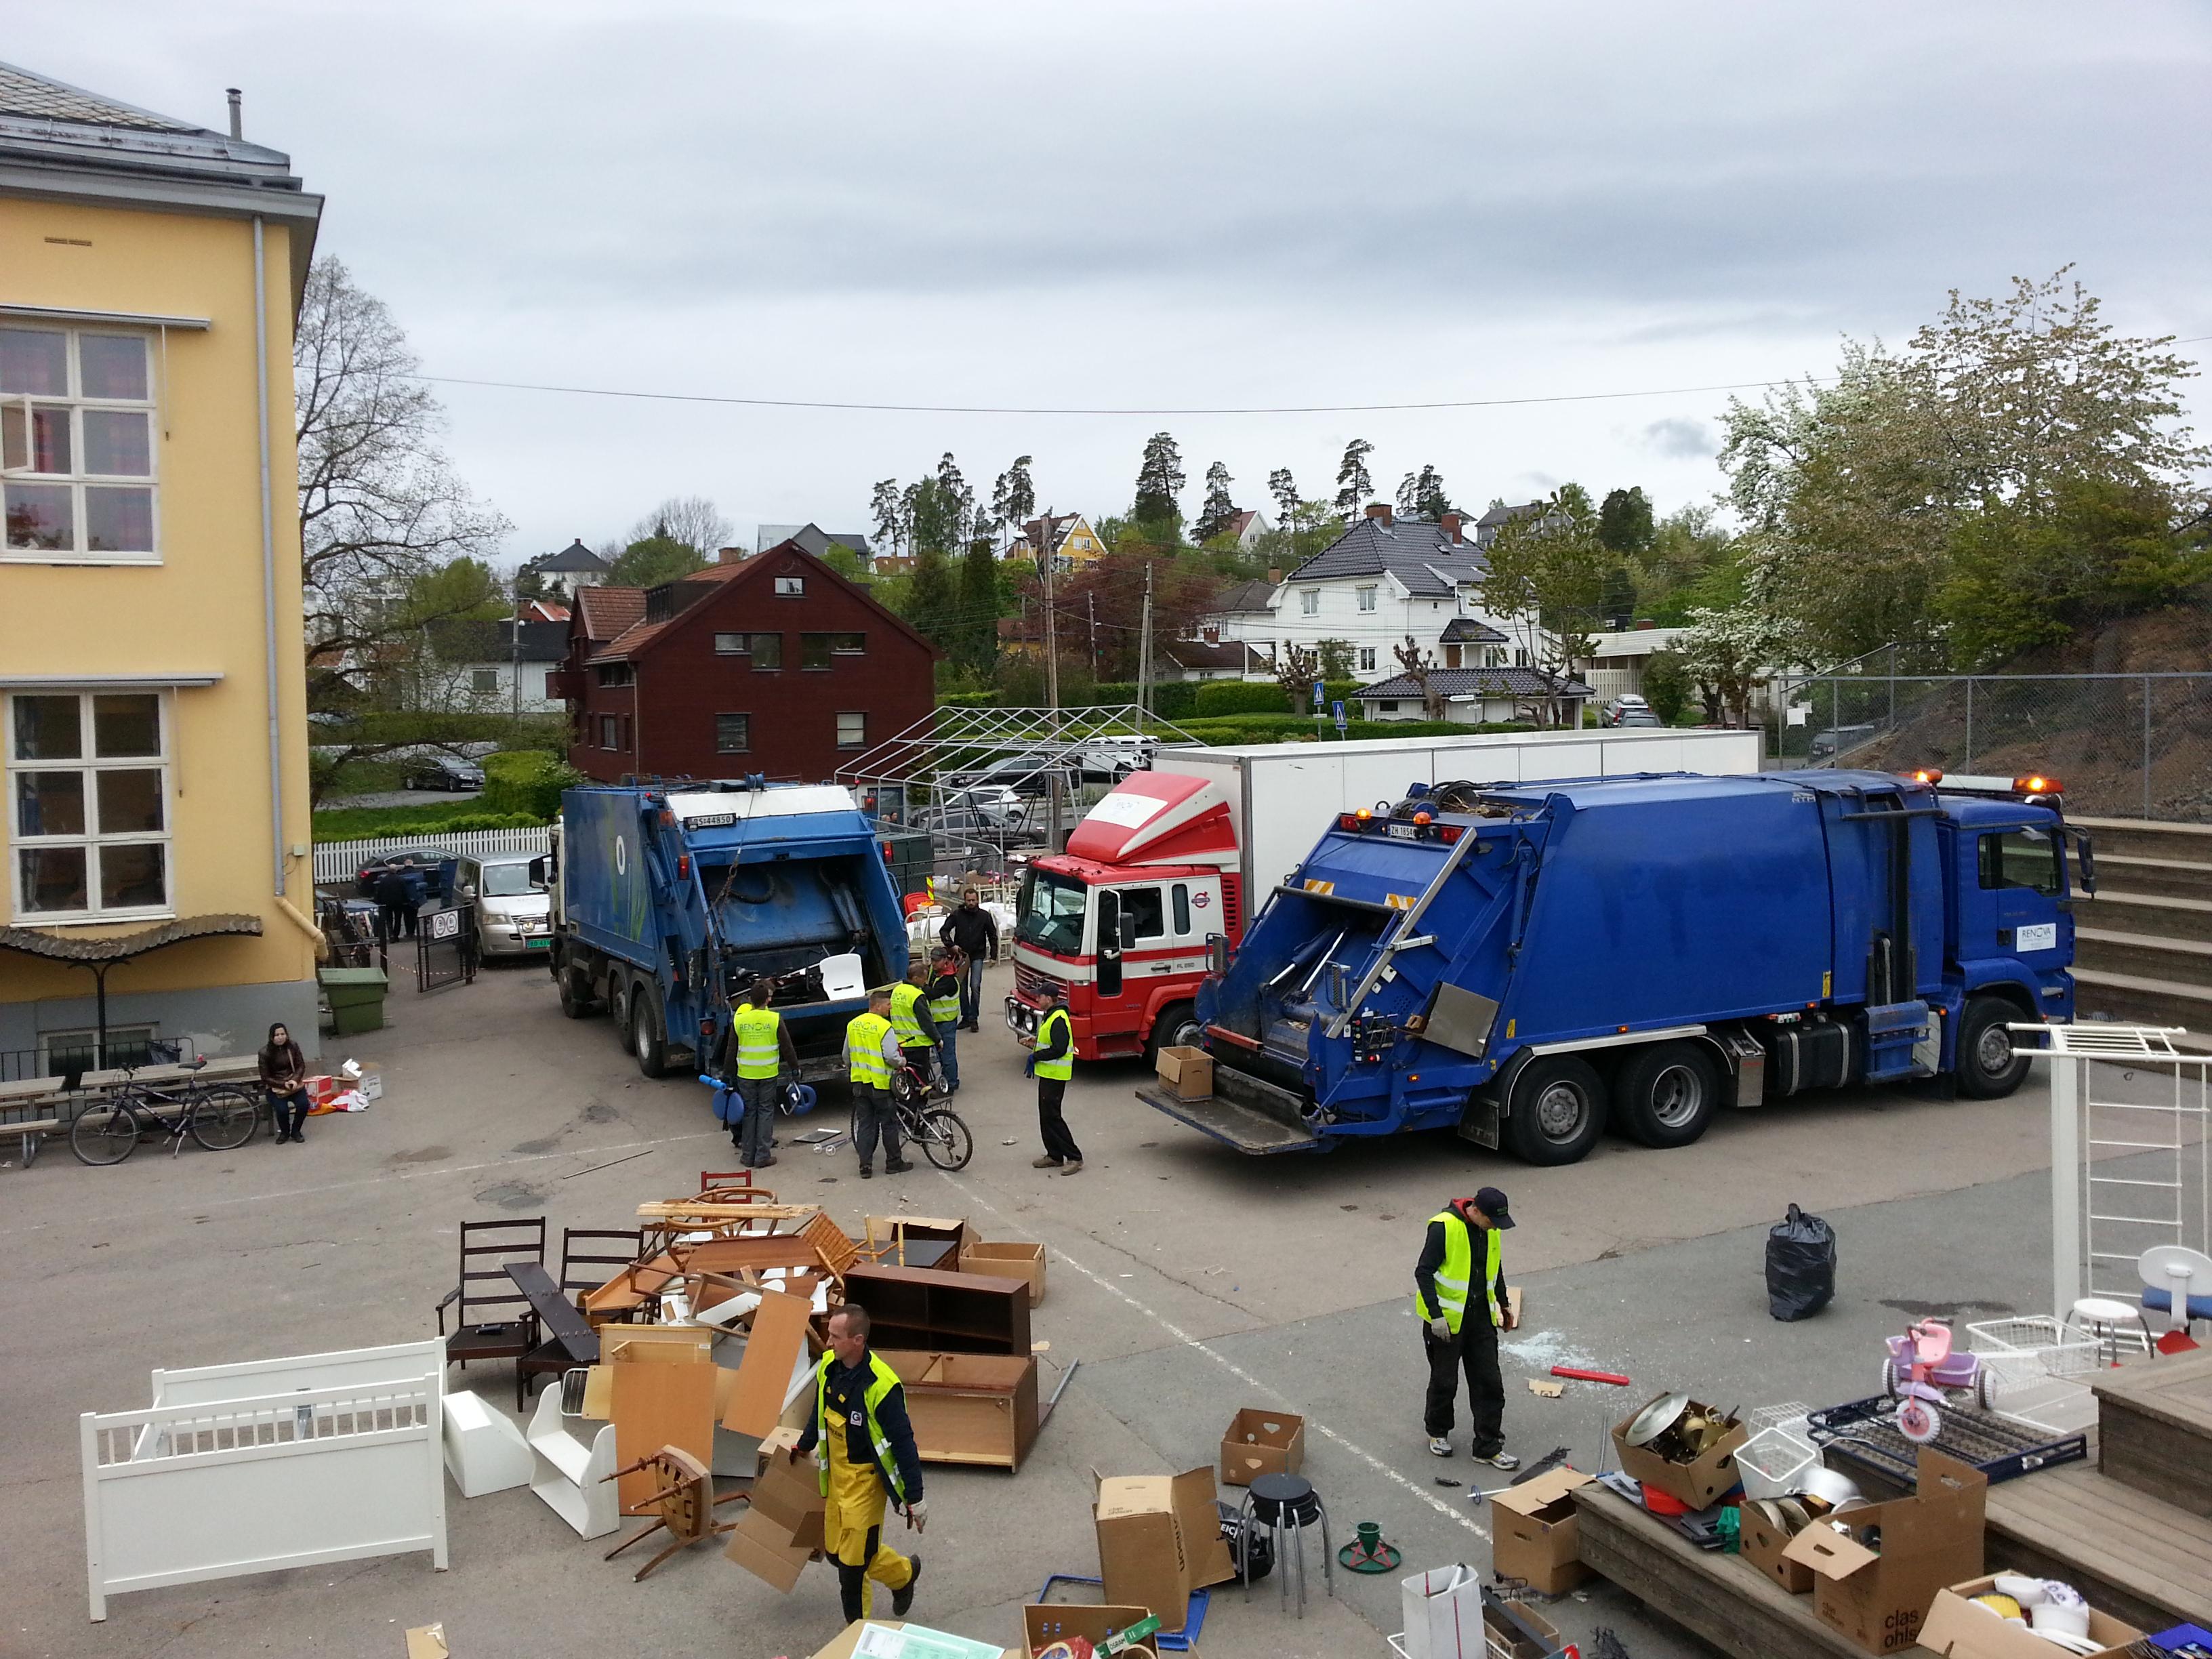 Loppemarked, Renova henter alle restlopper på Lilleaker skole